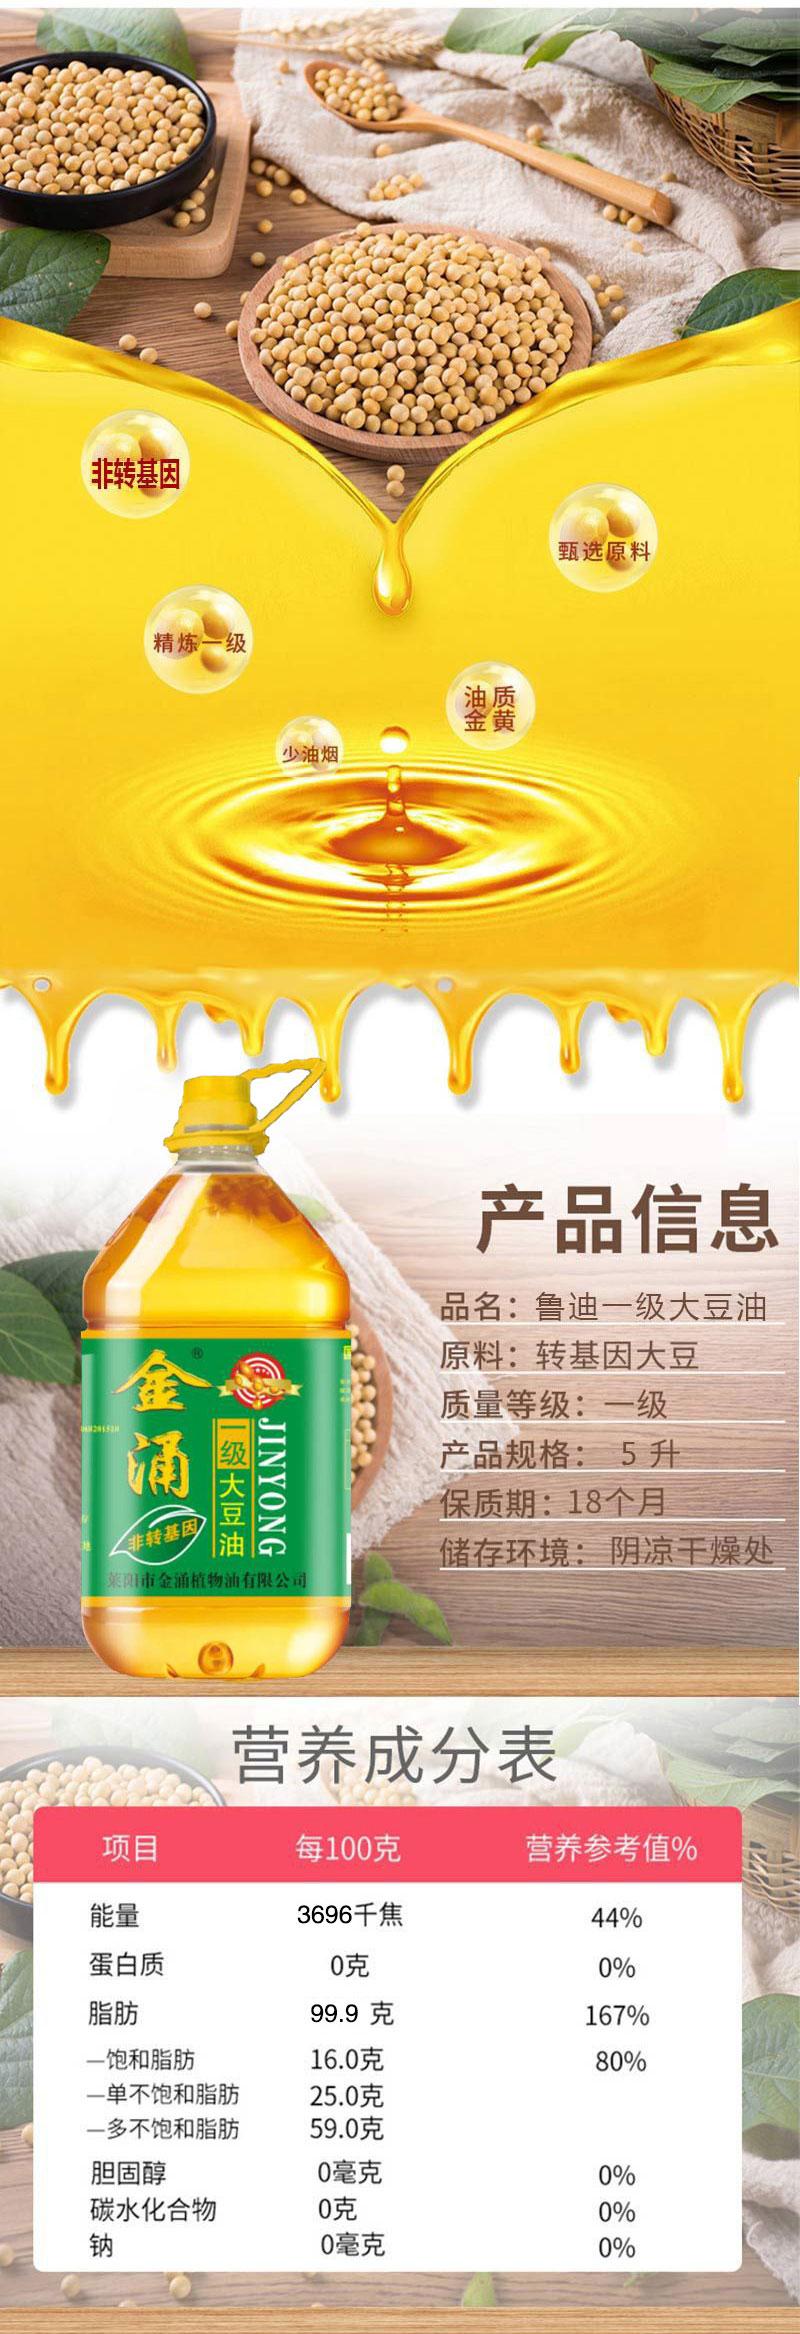 大豆油厂家